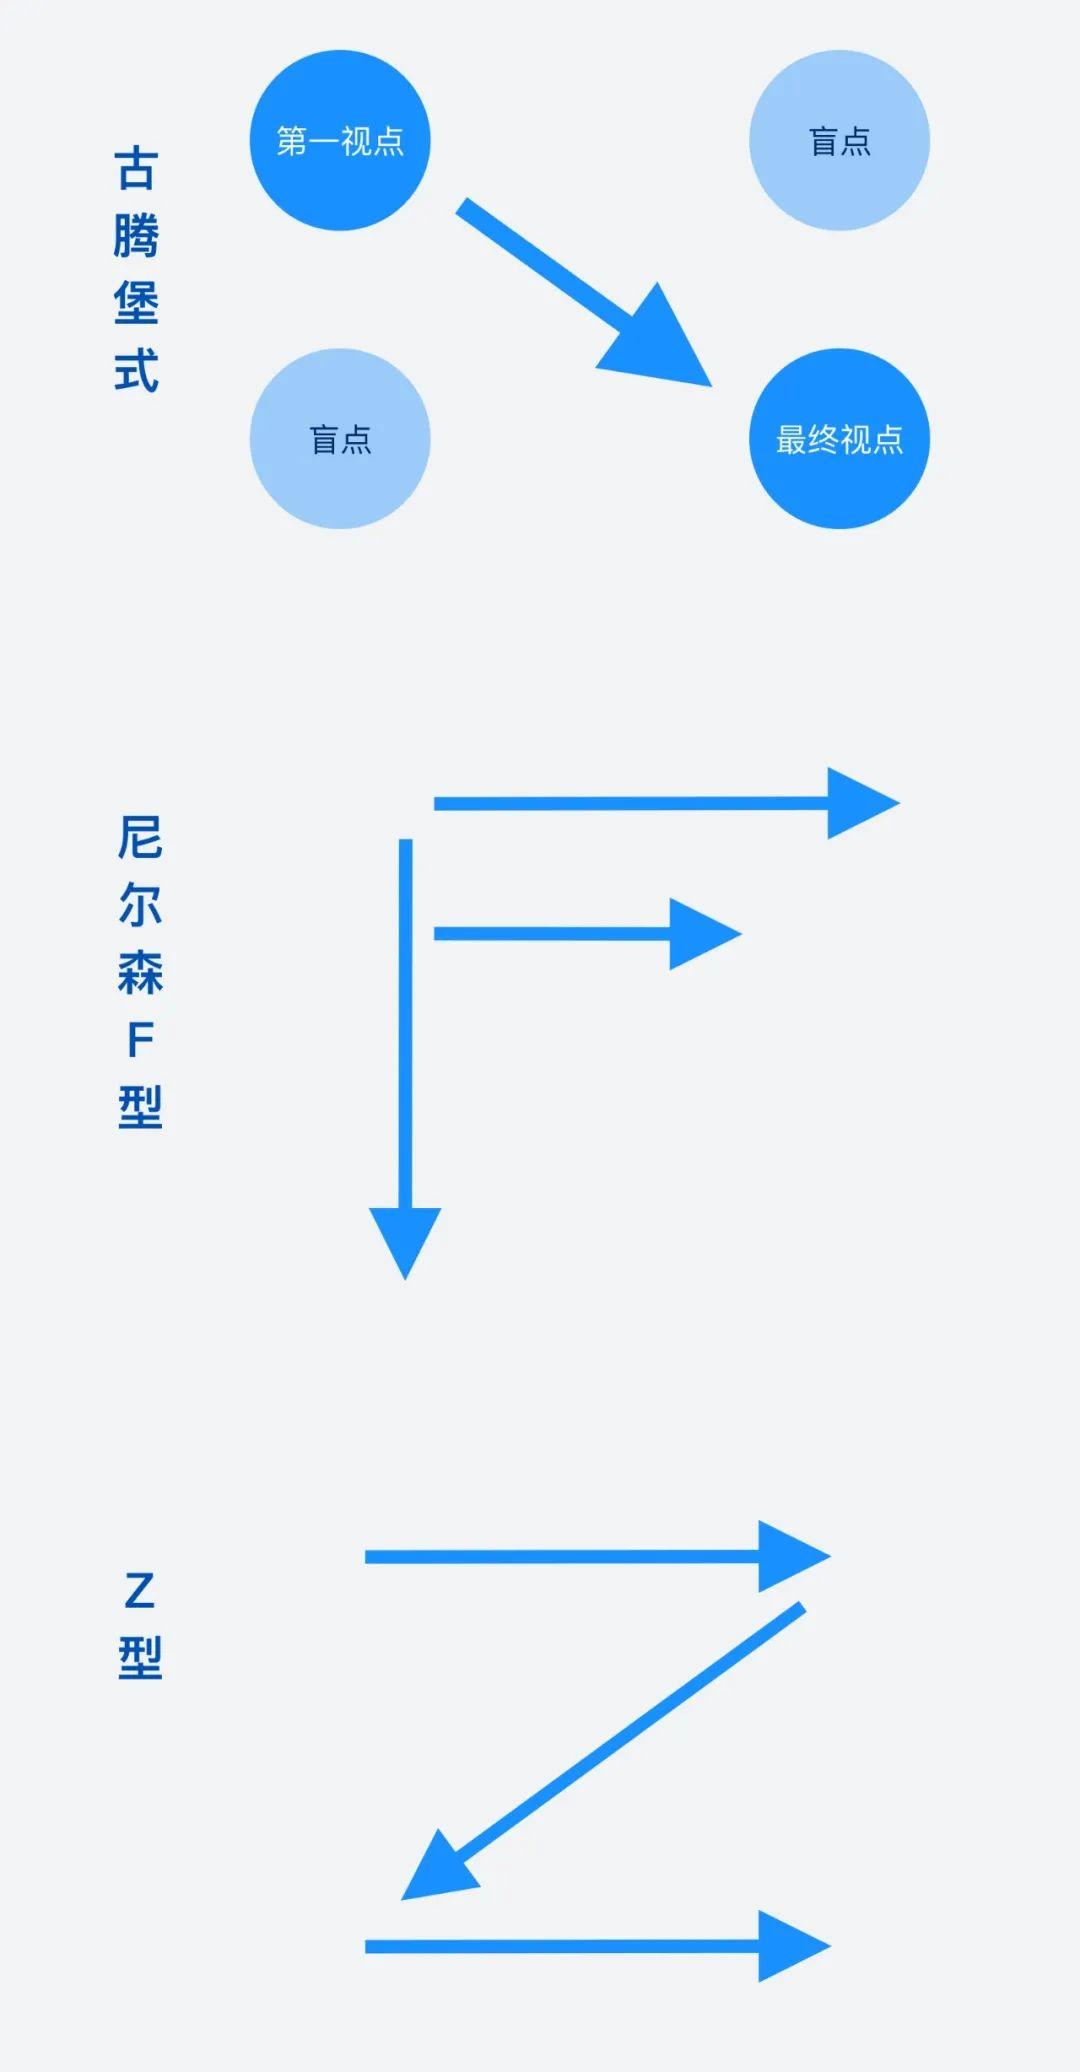 如何轻松设计出高点击率的行为召唤按钮?